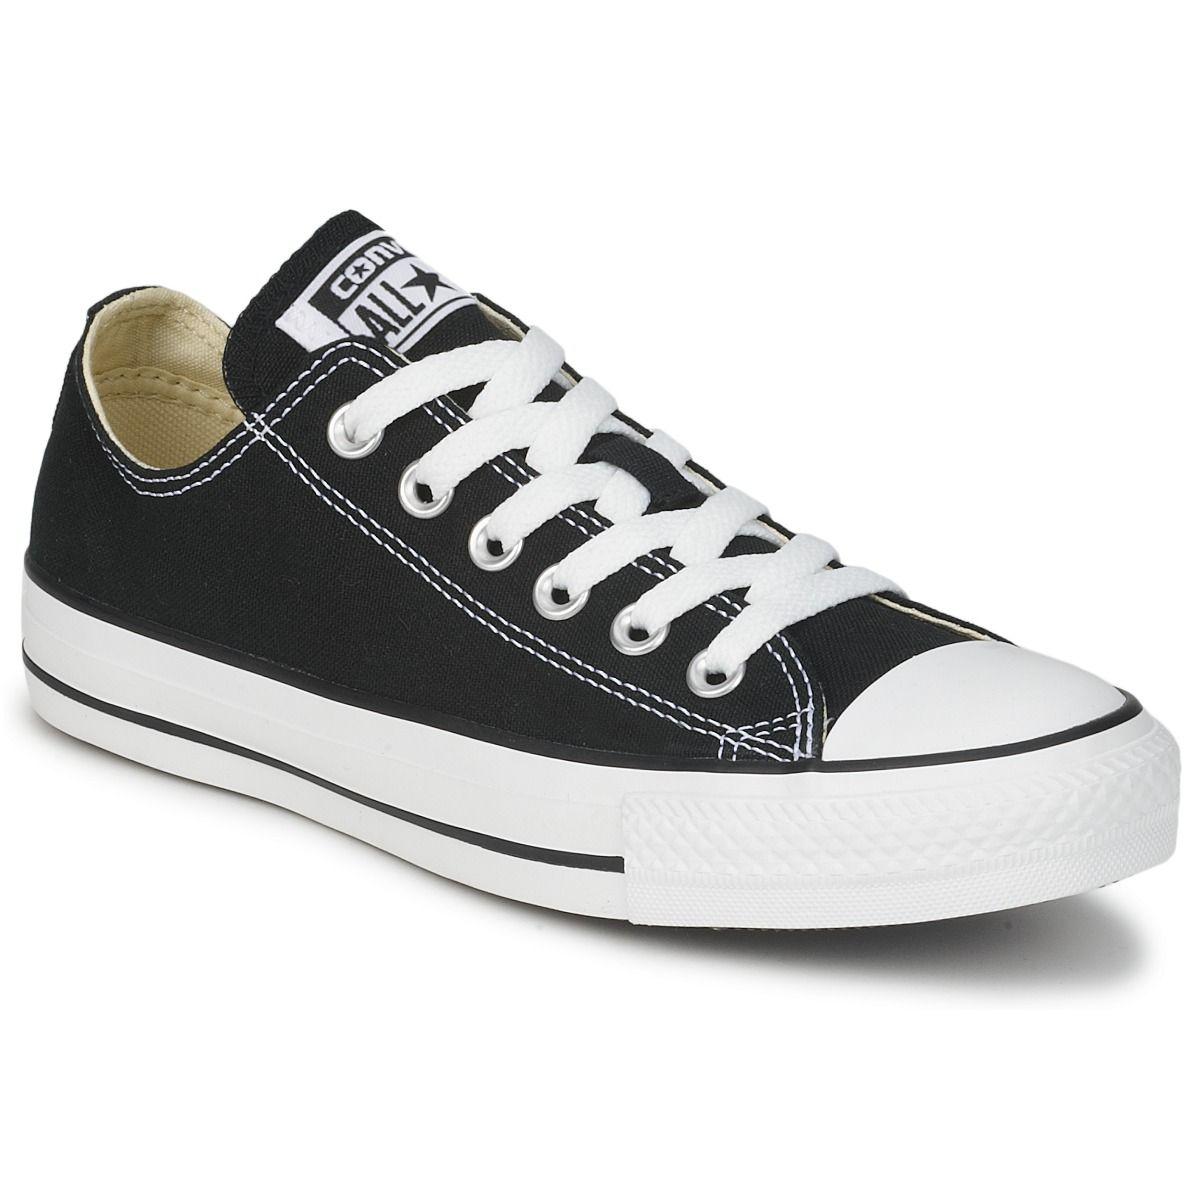 Mandrin Inverse Gris Clair Taylor Tous Les Chaussures De Sport De Bœuf Star Converse ageLxRB